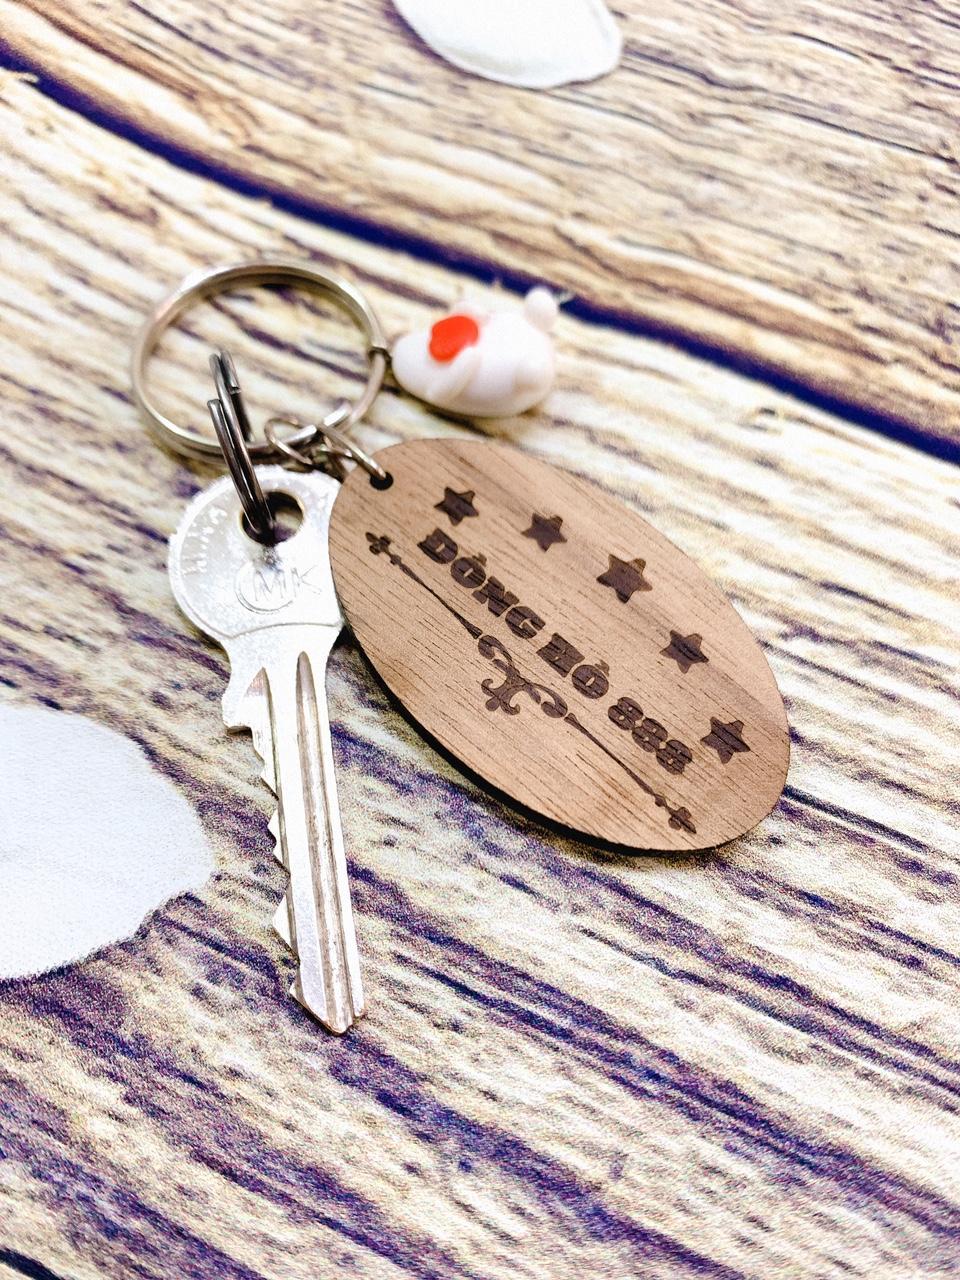 Đồng Hồ Nữ Halei HL540 Dây da nâu mặt đen (Tặng pin Nhật sẵn trong đồng hồ + Móc Khóa gỗ Đồng hồ 888 y hình)